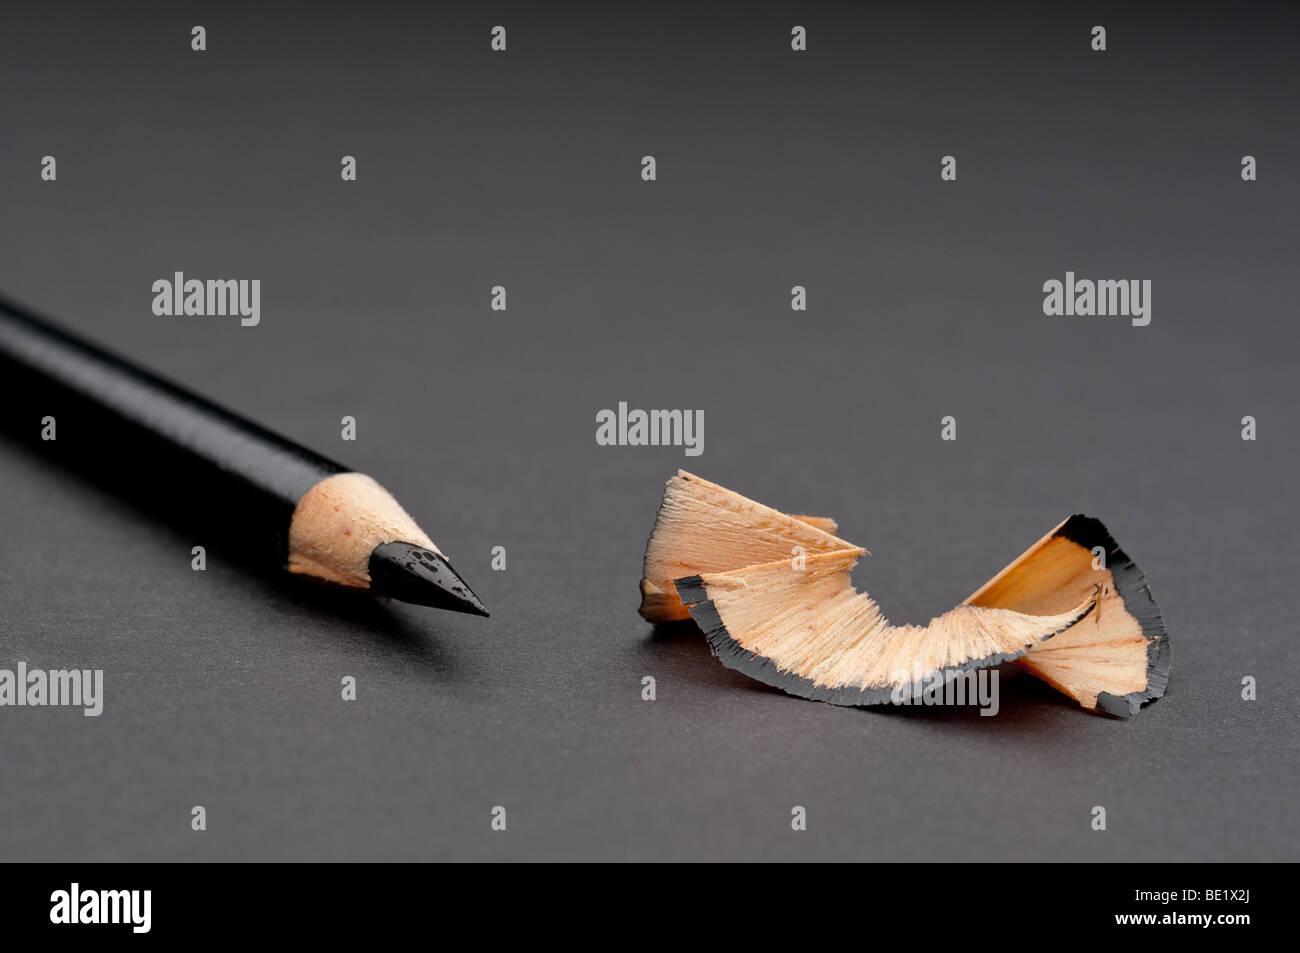 Chiudere orizzontale di un affilato matita nera con trucioli Immagini Stock